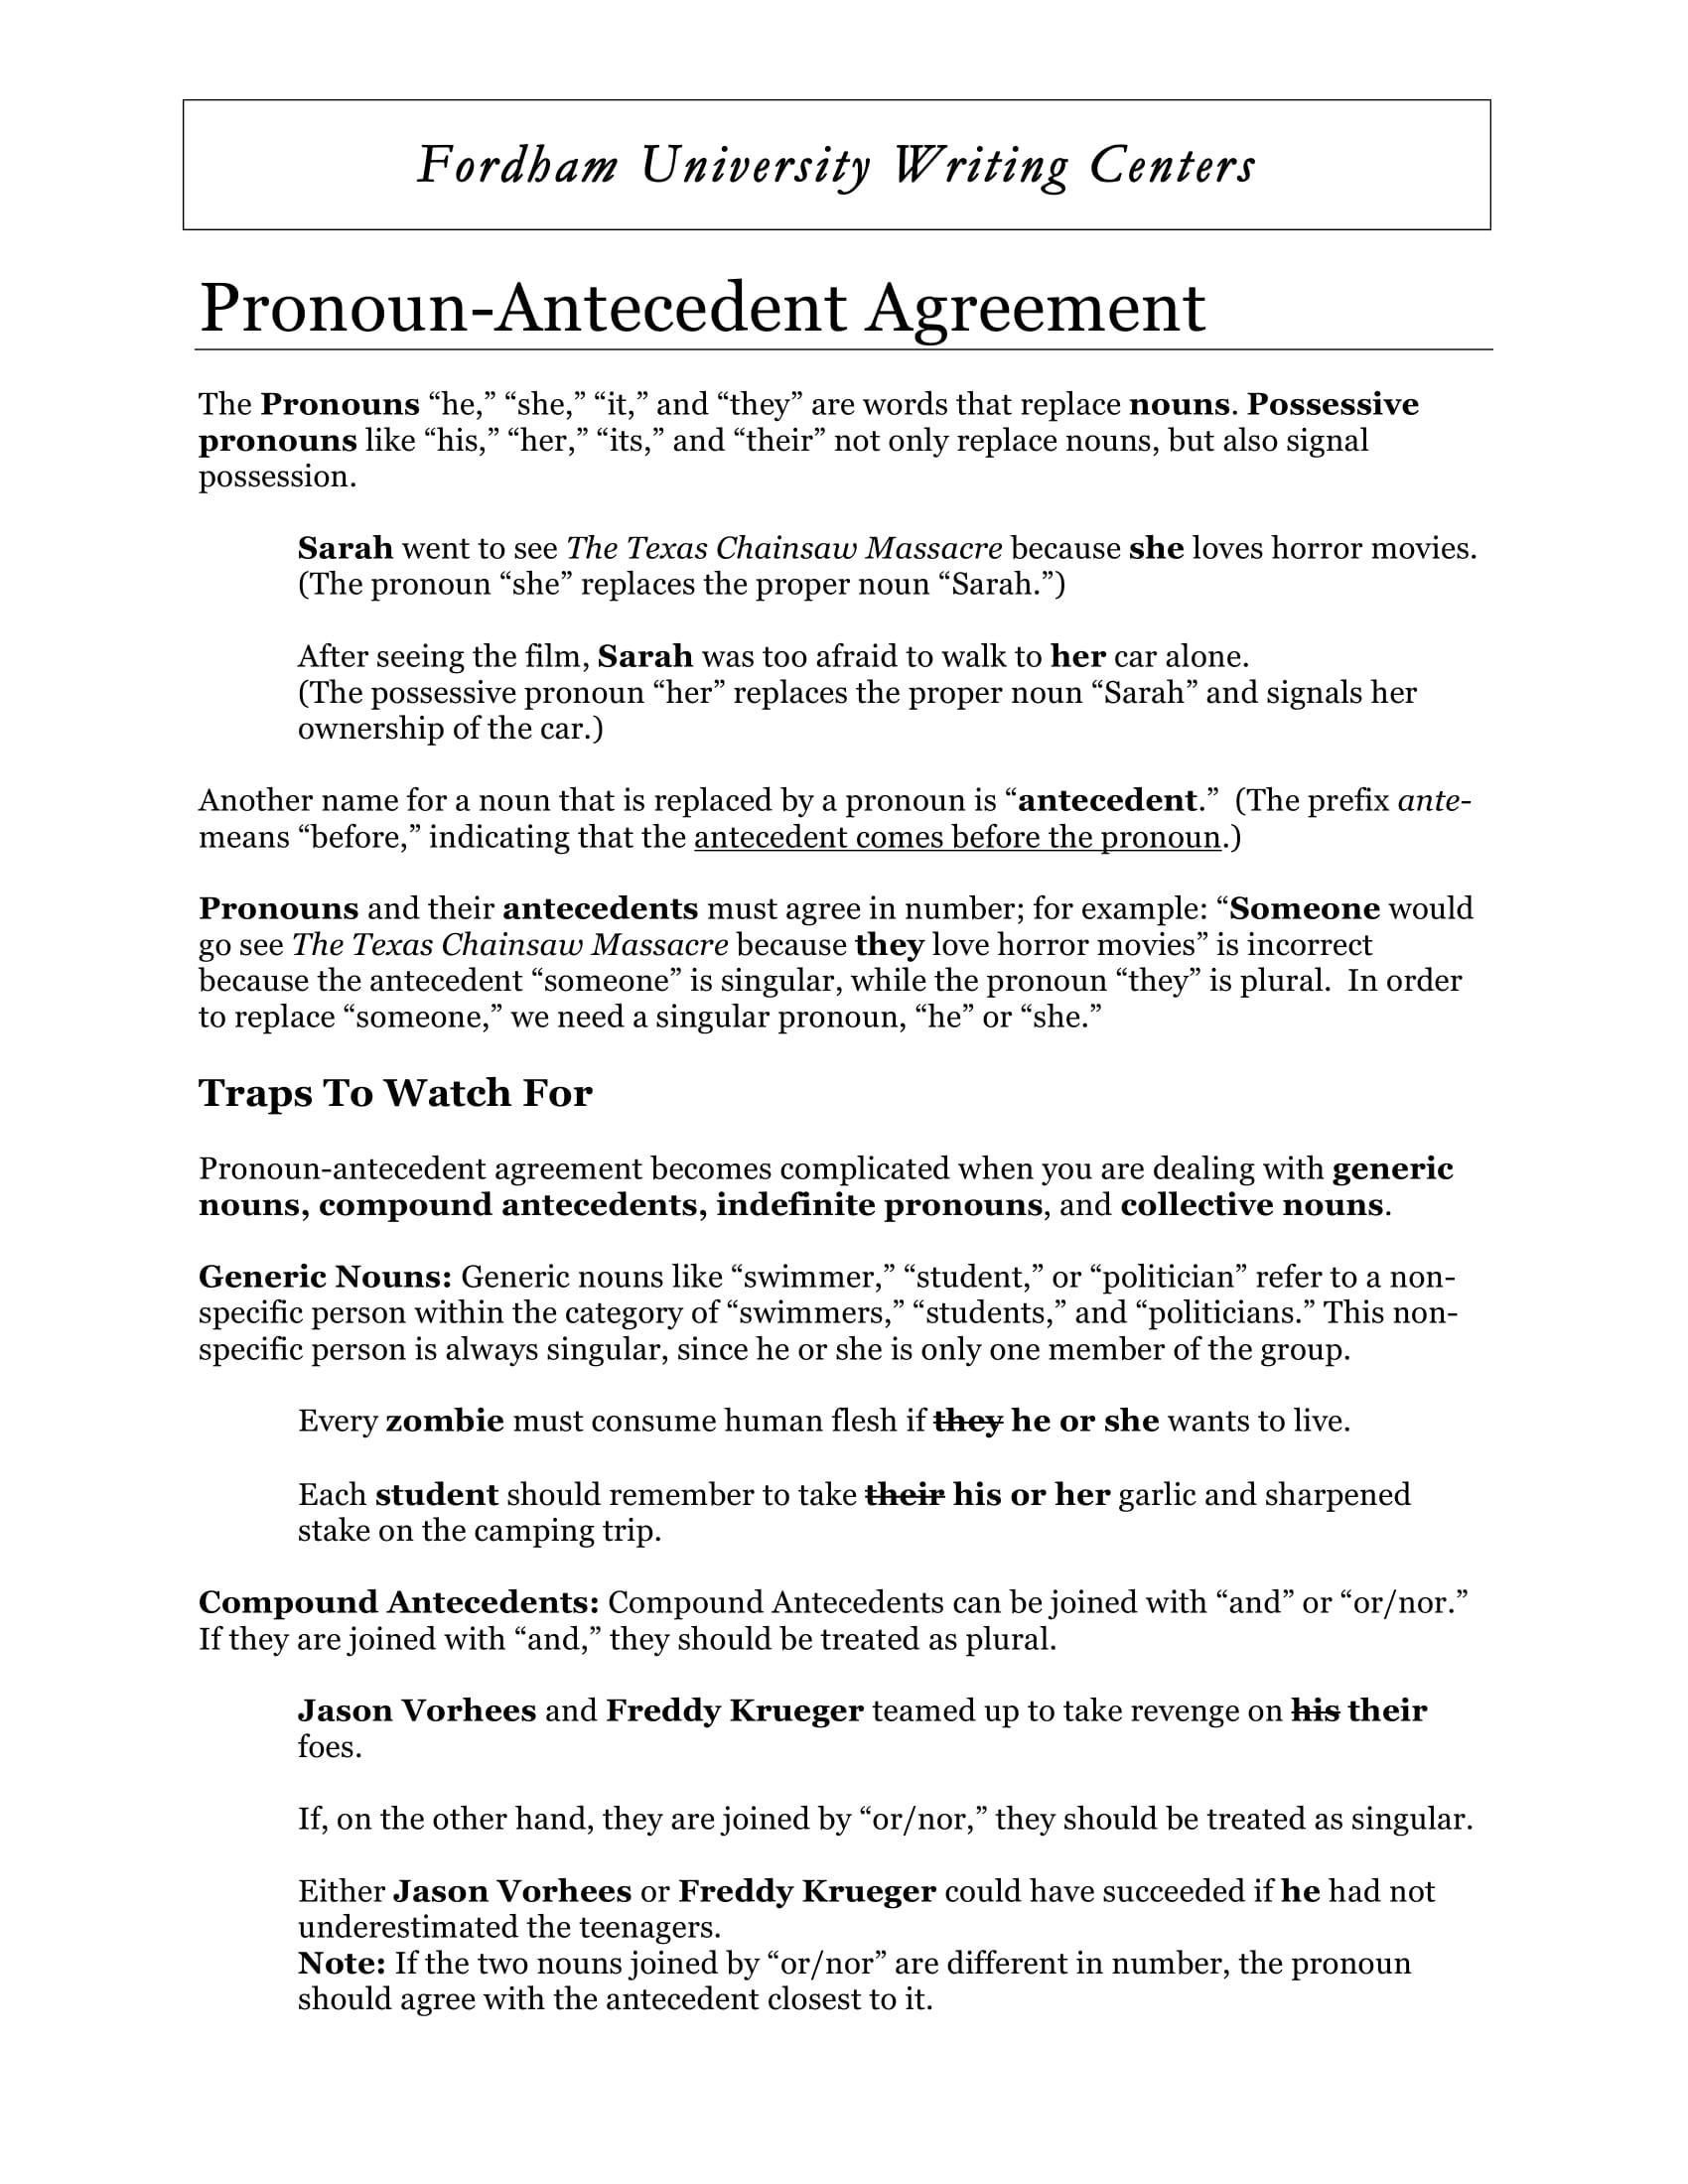 pronoun antecedent agreement guide example